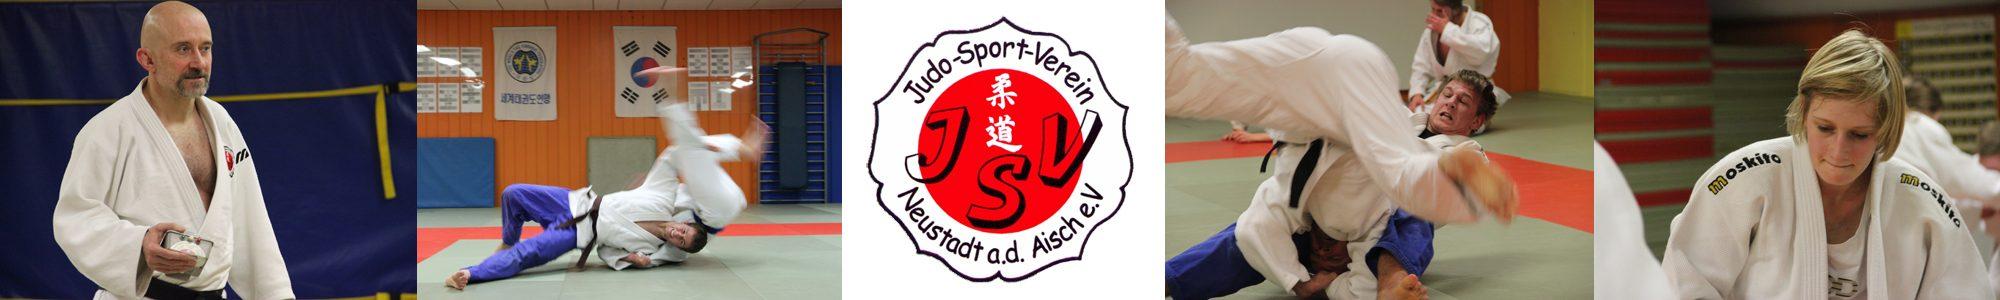 Judo-Sport-Verein Neustadt a.d. Aisch e.V.